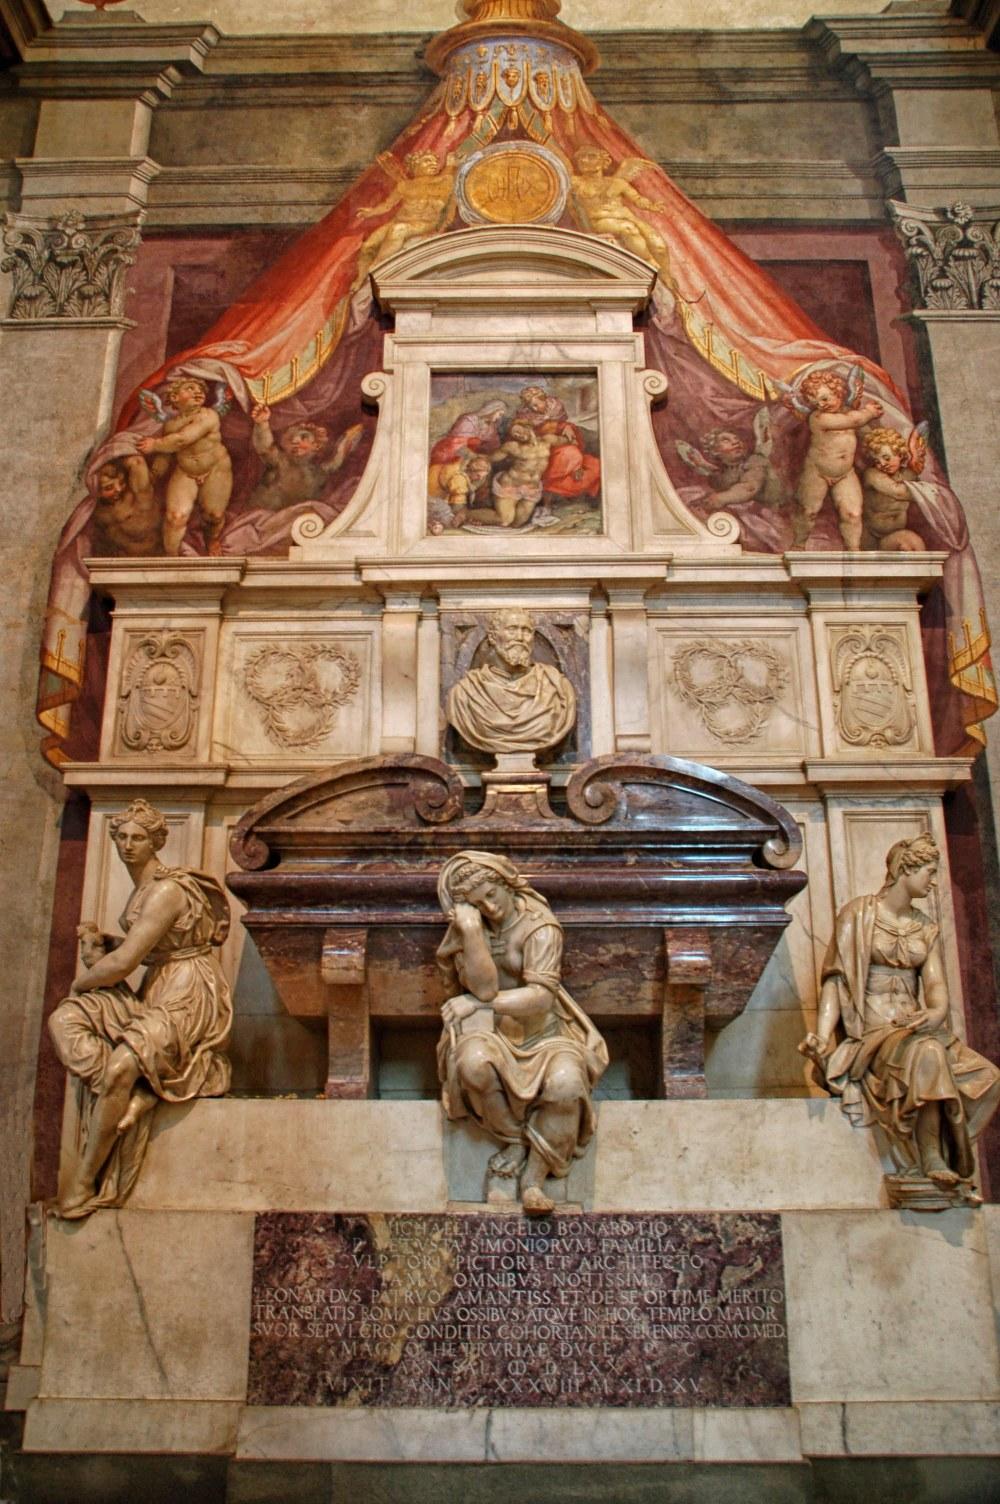 Tumba de Miguel Ángel. Iglesia de la Santa Croce. Florencia.